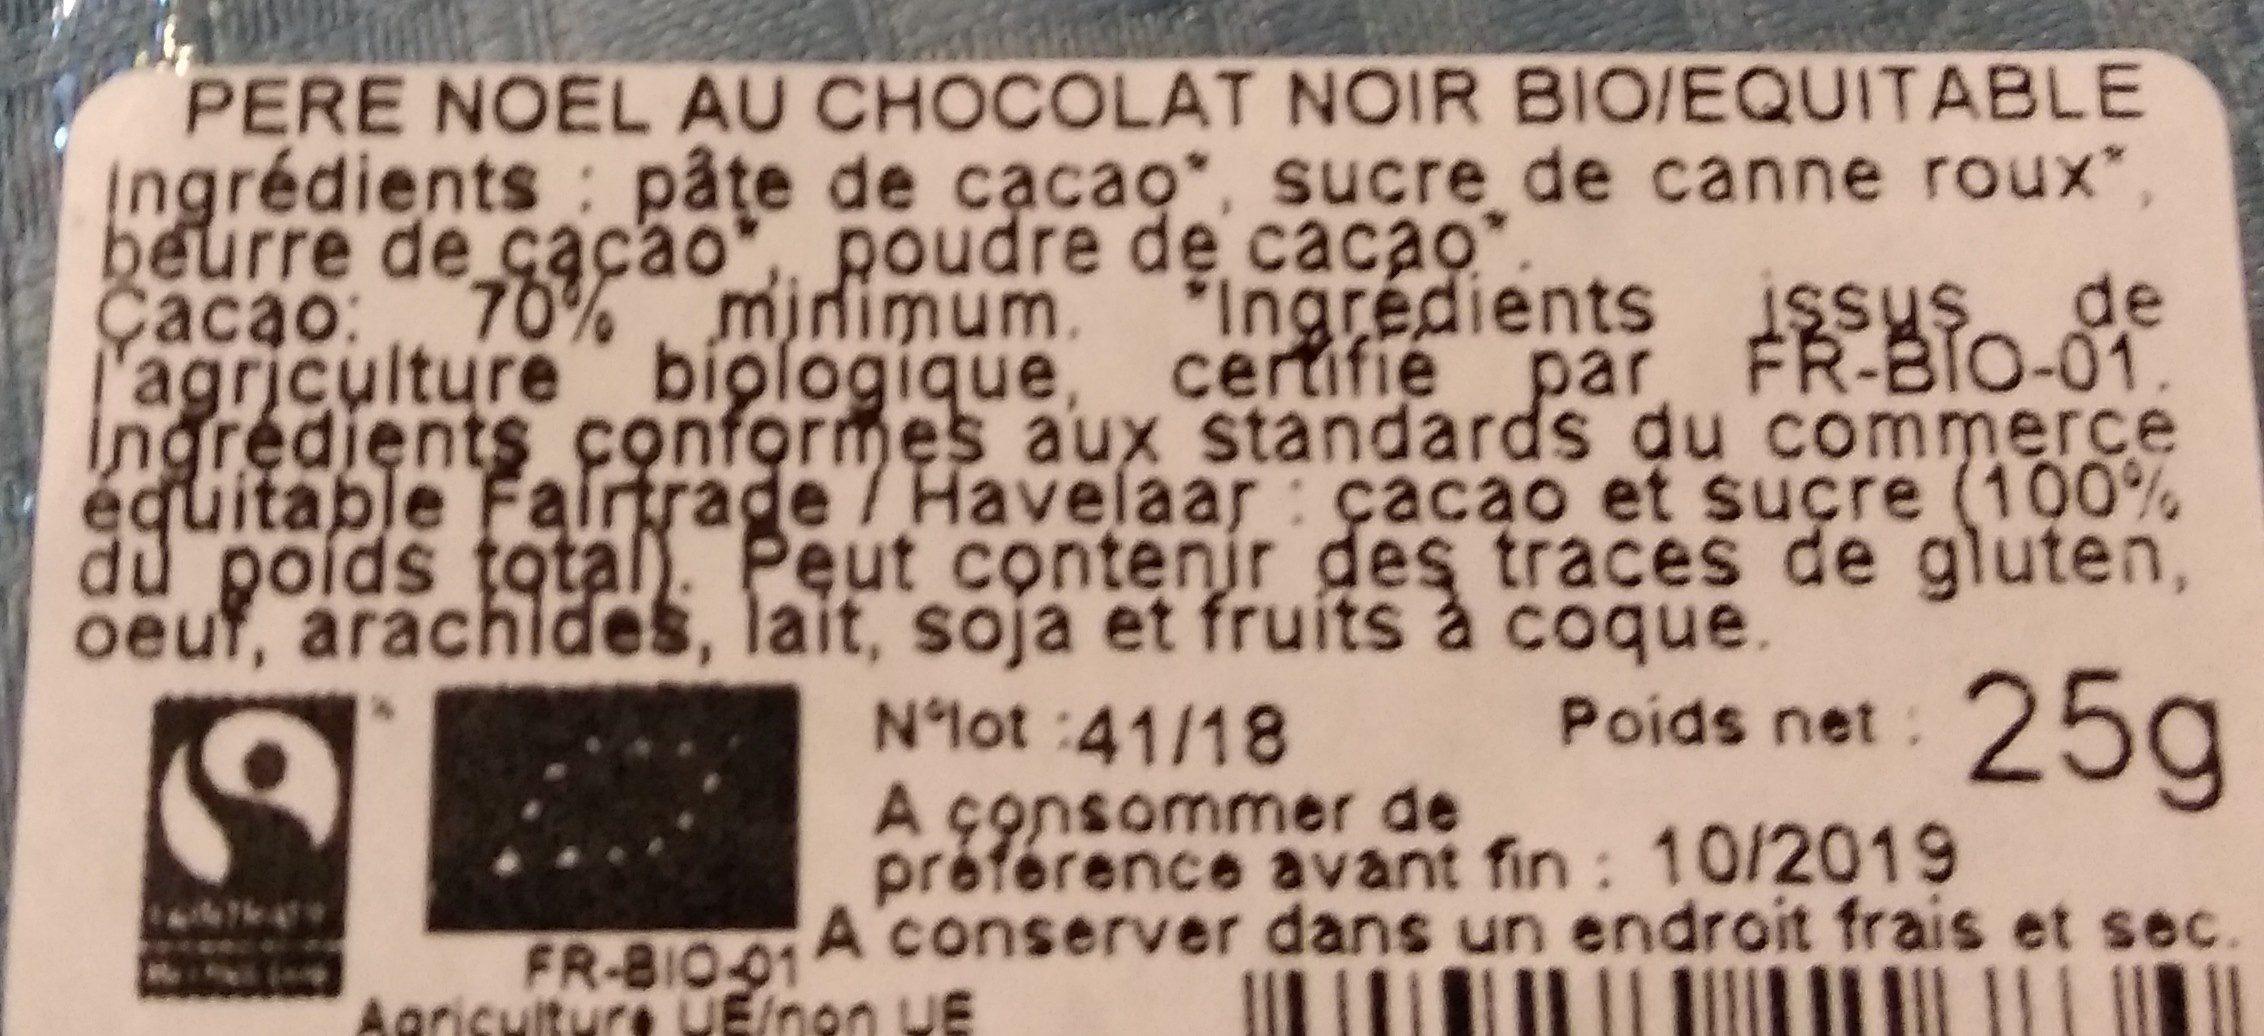 Père Noël au chocolat noir bio/équitable - Ingredients - fr